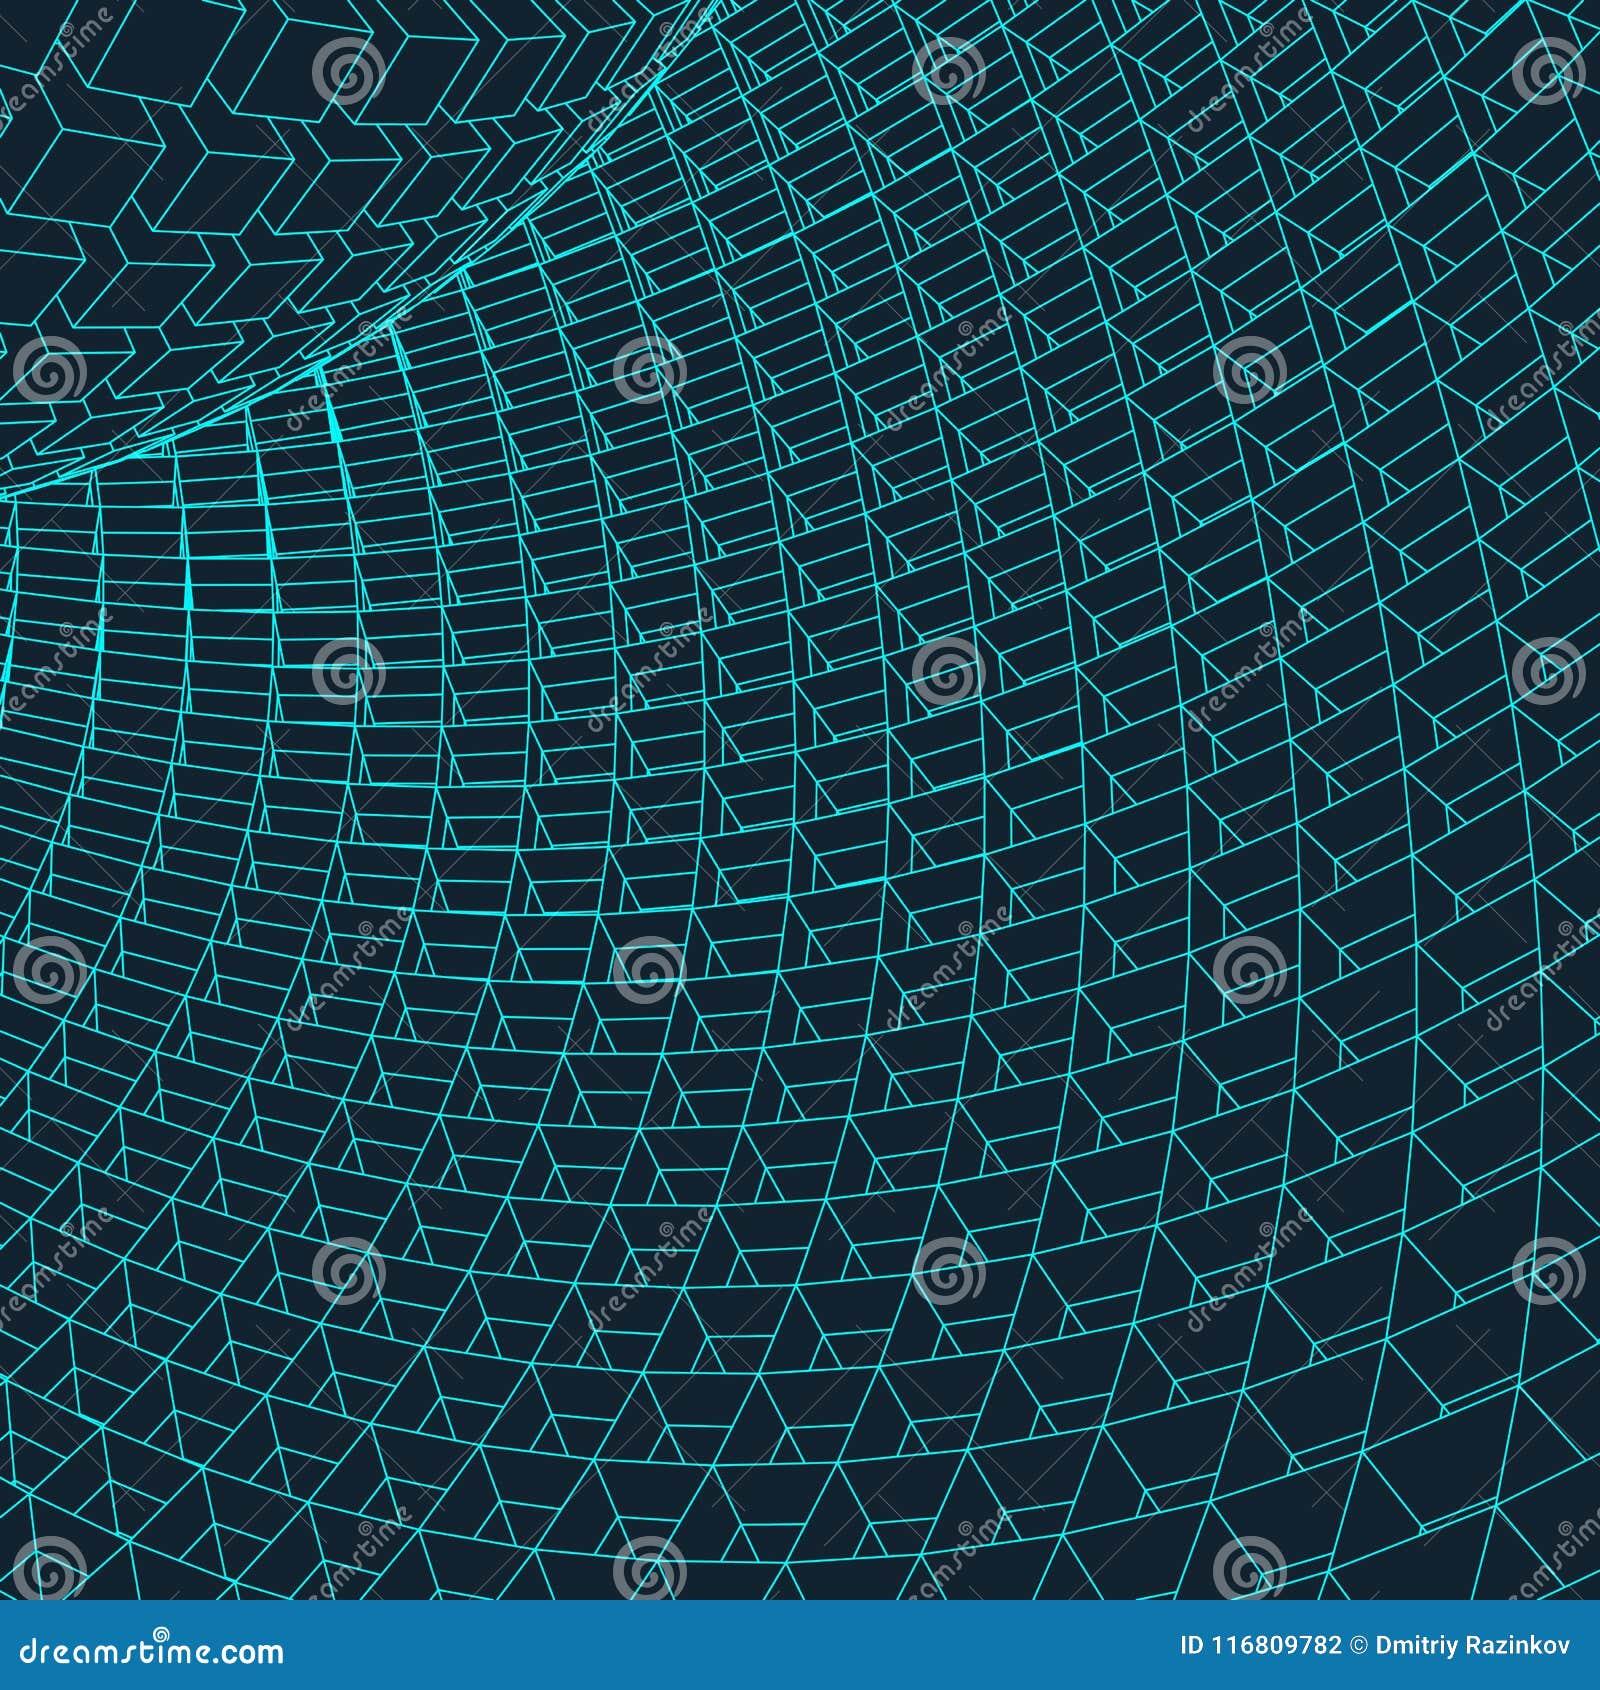 3d astratto Mesh Sphere distorto Illuminated Segno al neon Tecnologia futuristica HUD Element Elegante distrutto grande